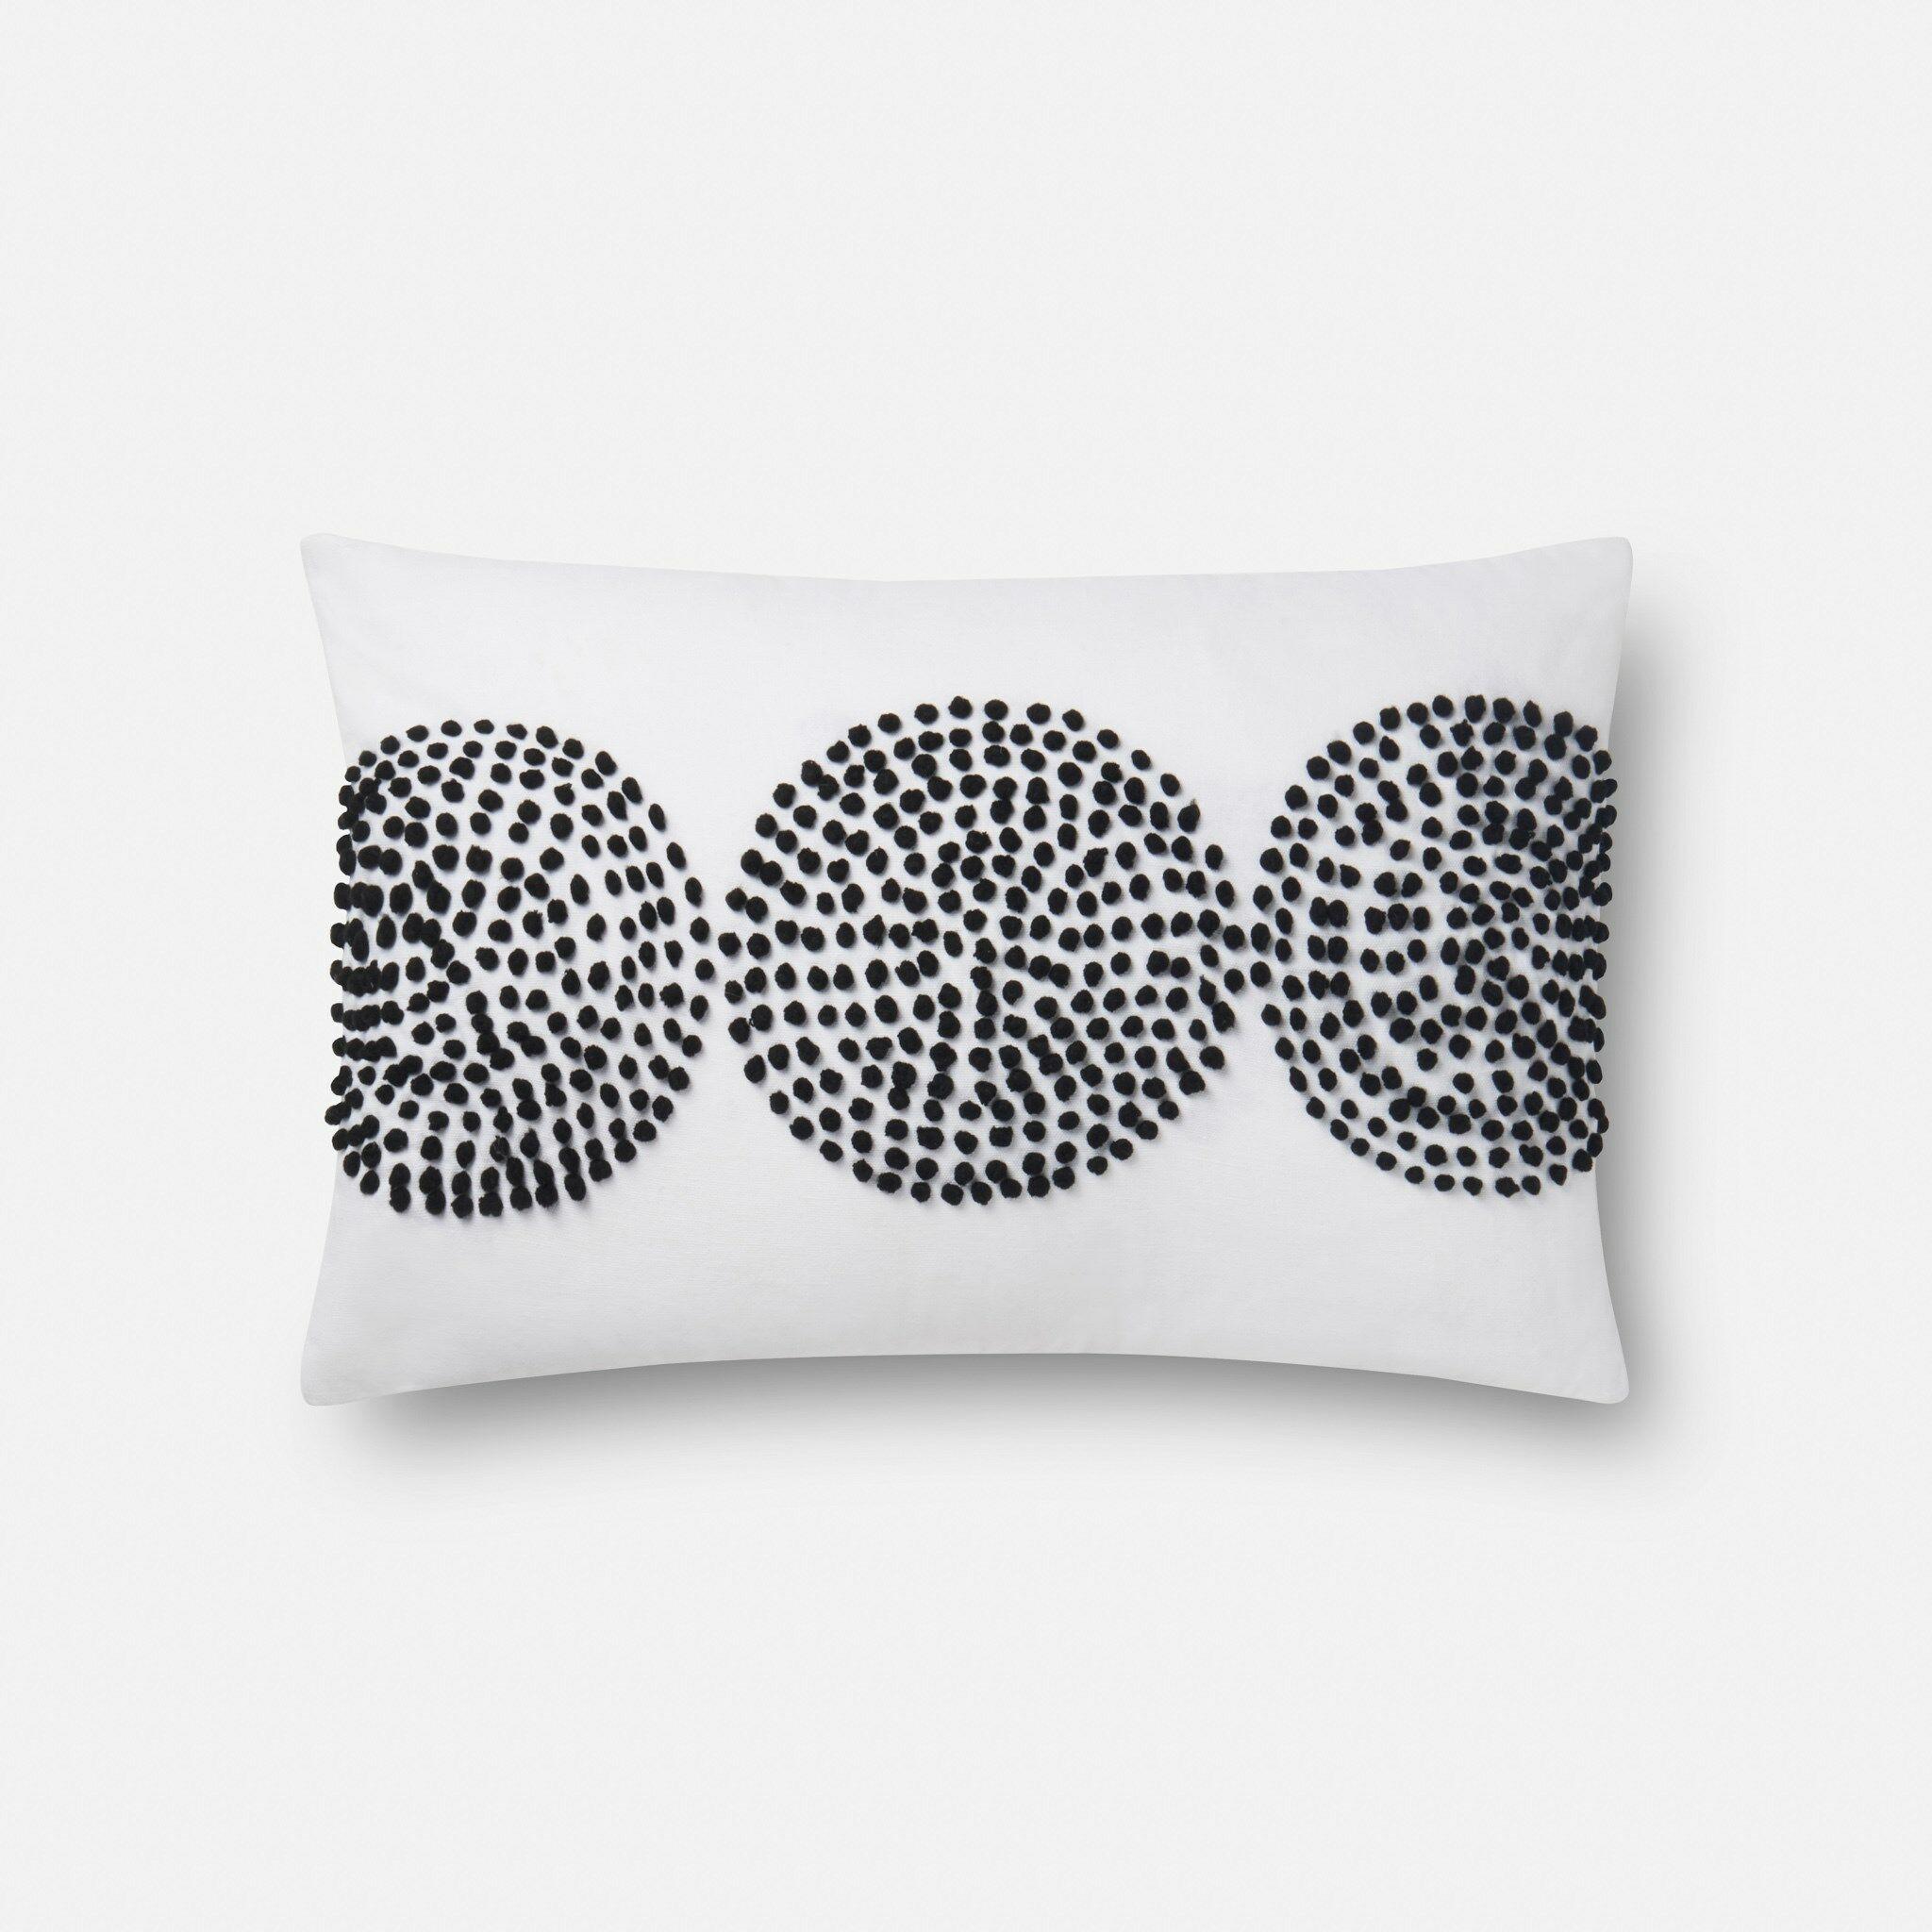 100% Cotton Pillow Type: Lumbar Pillow, Fill Material: Polyester